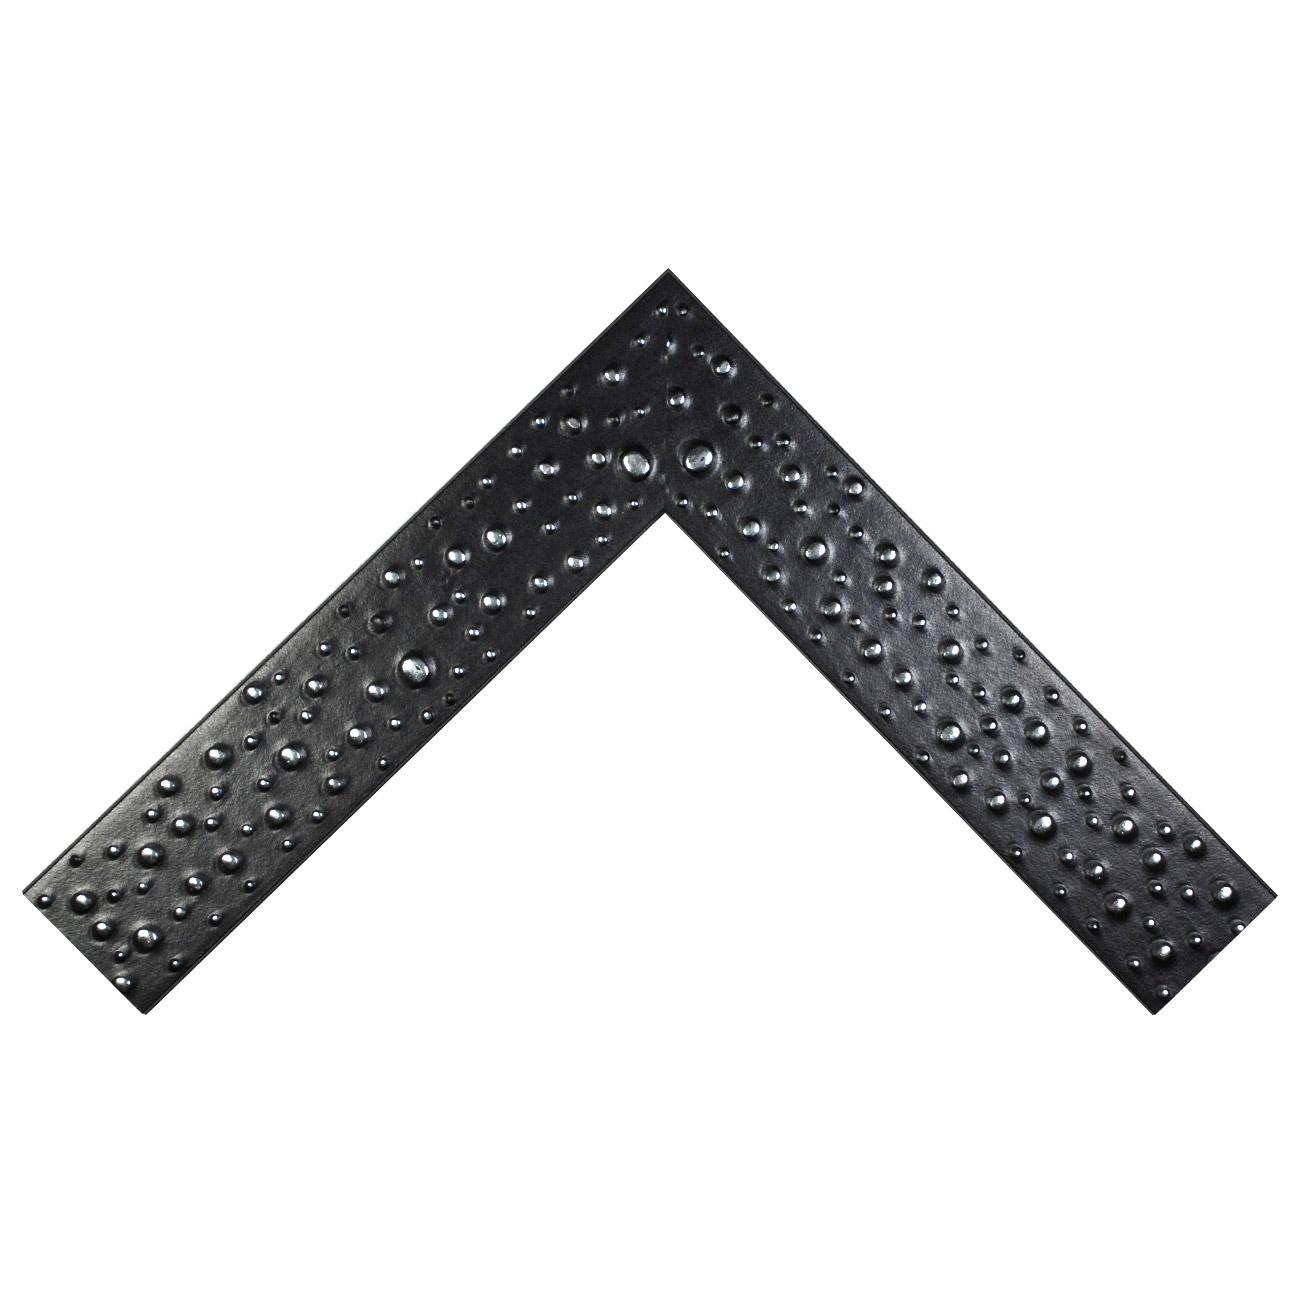 Baguette bois profil plat largeur 6.7cm couleur noir décor gouttes argent froid chromé